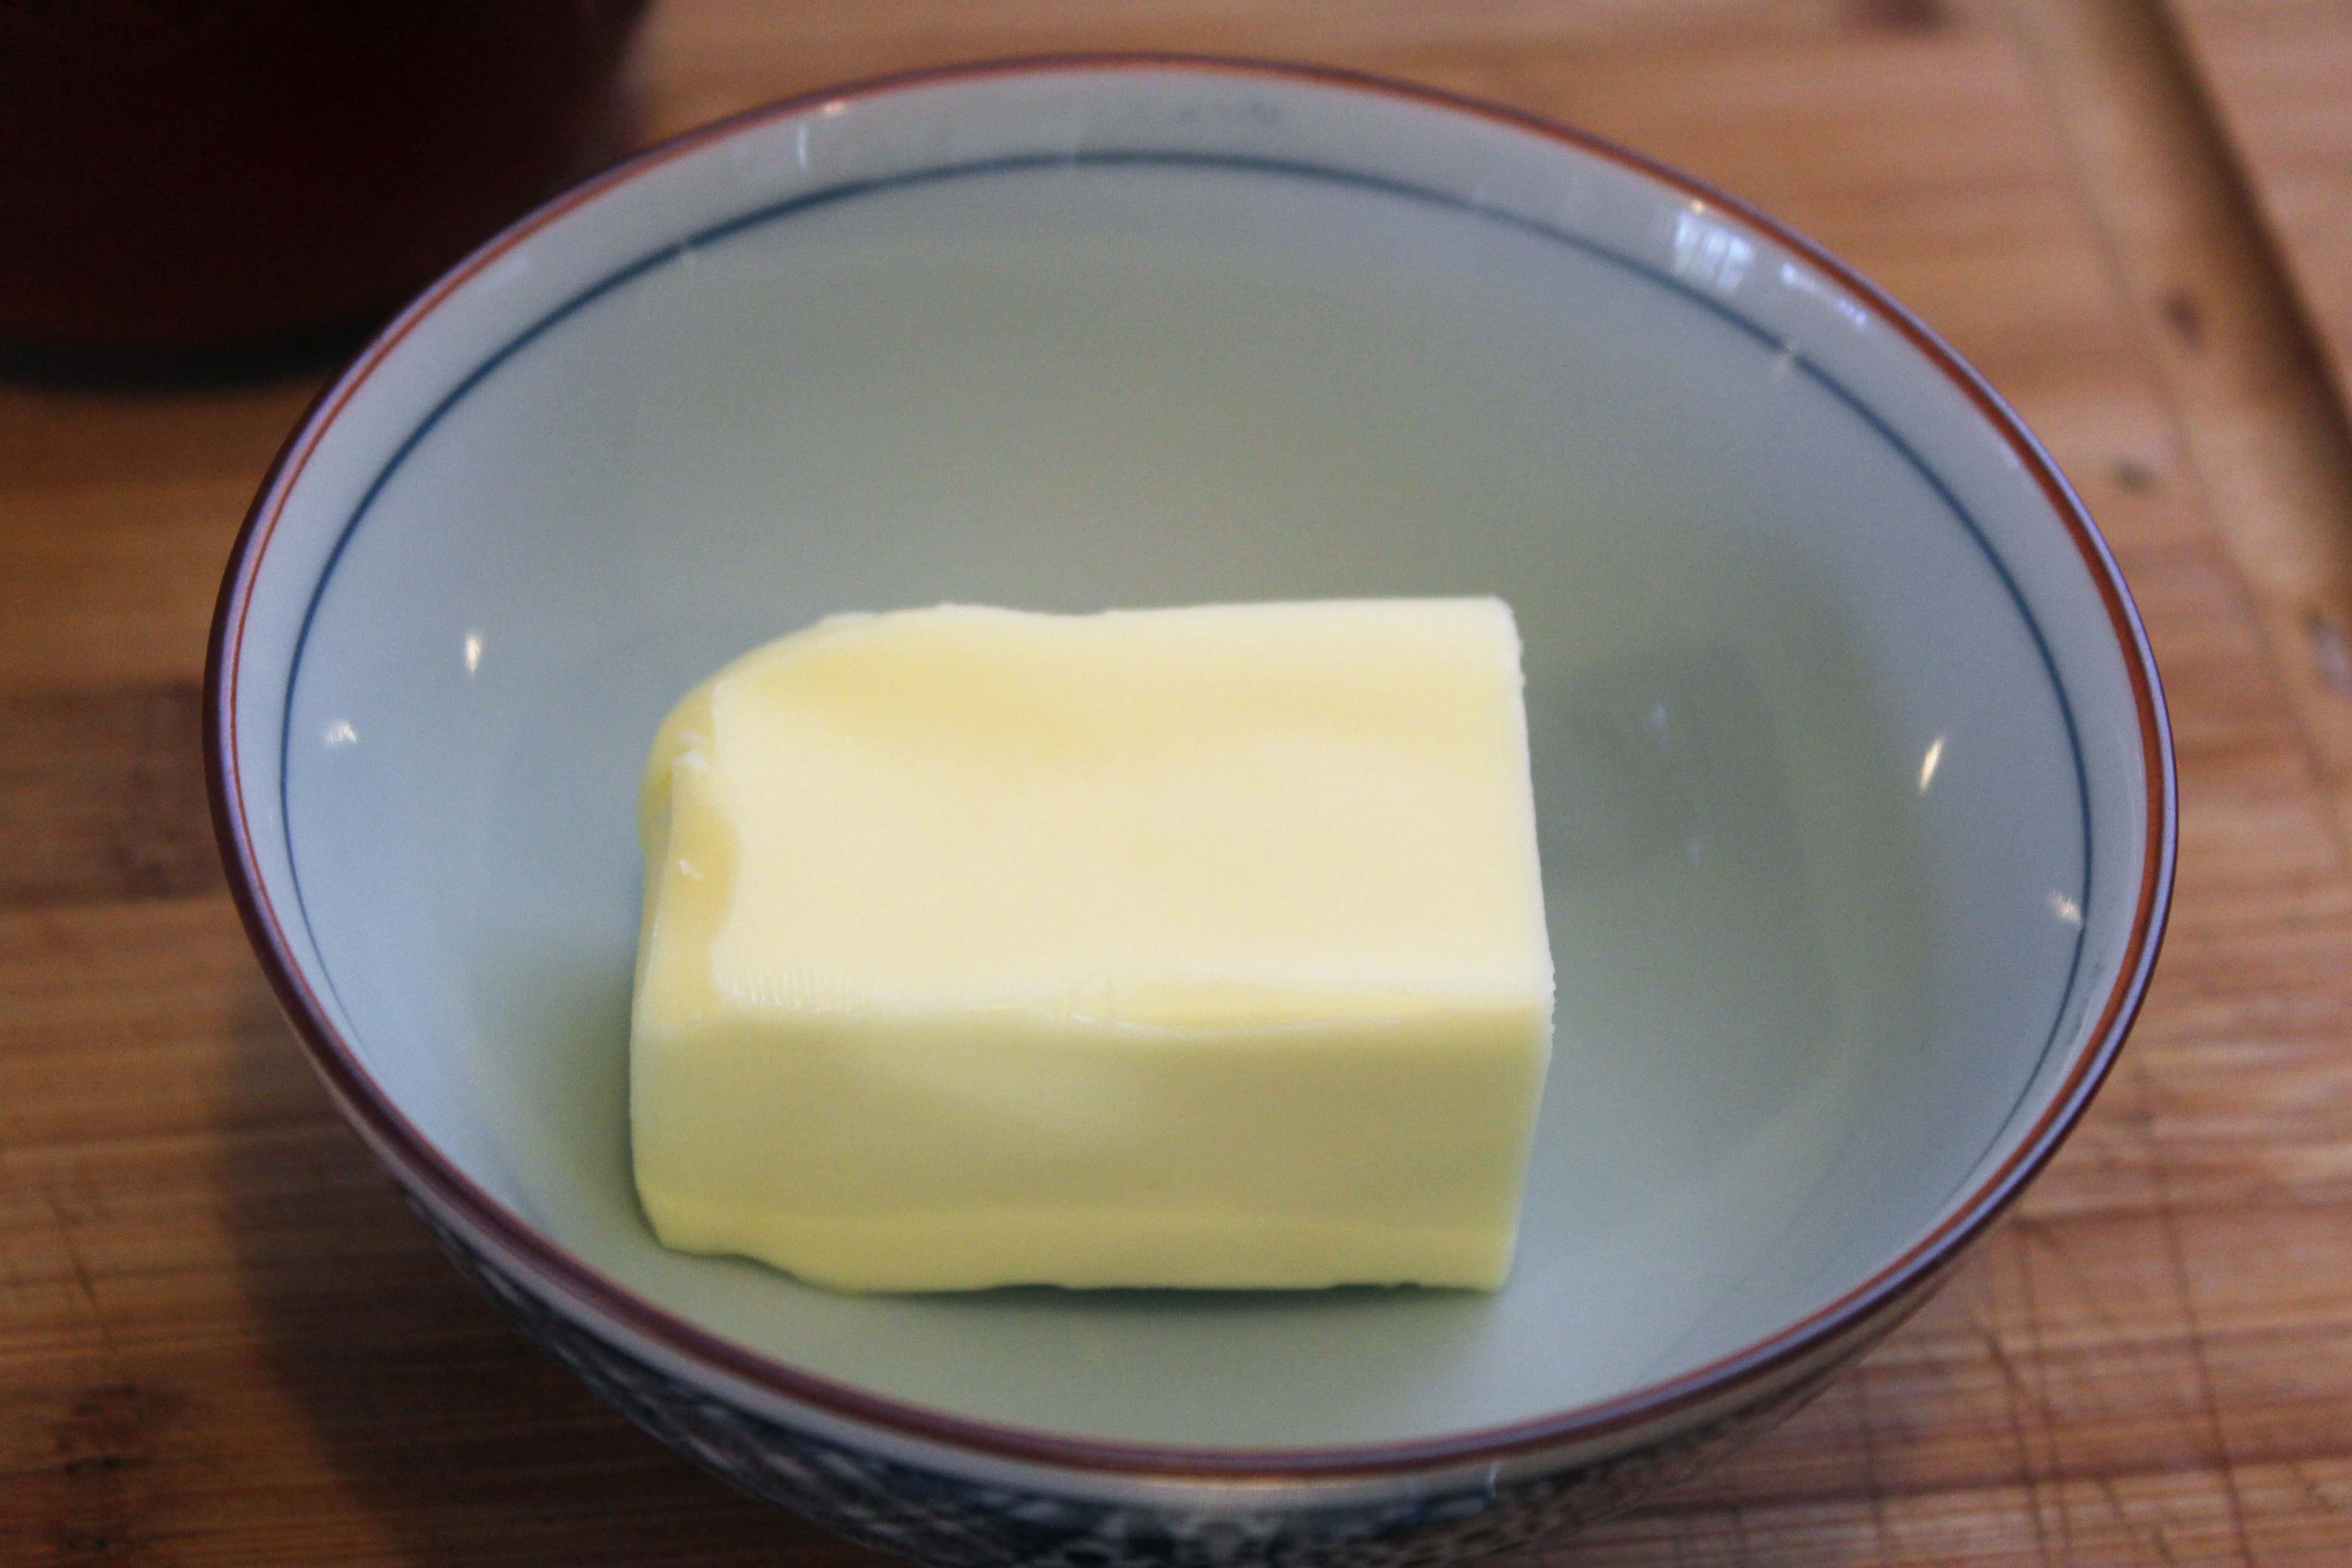 Soften butter